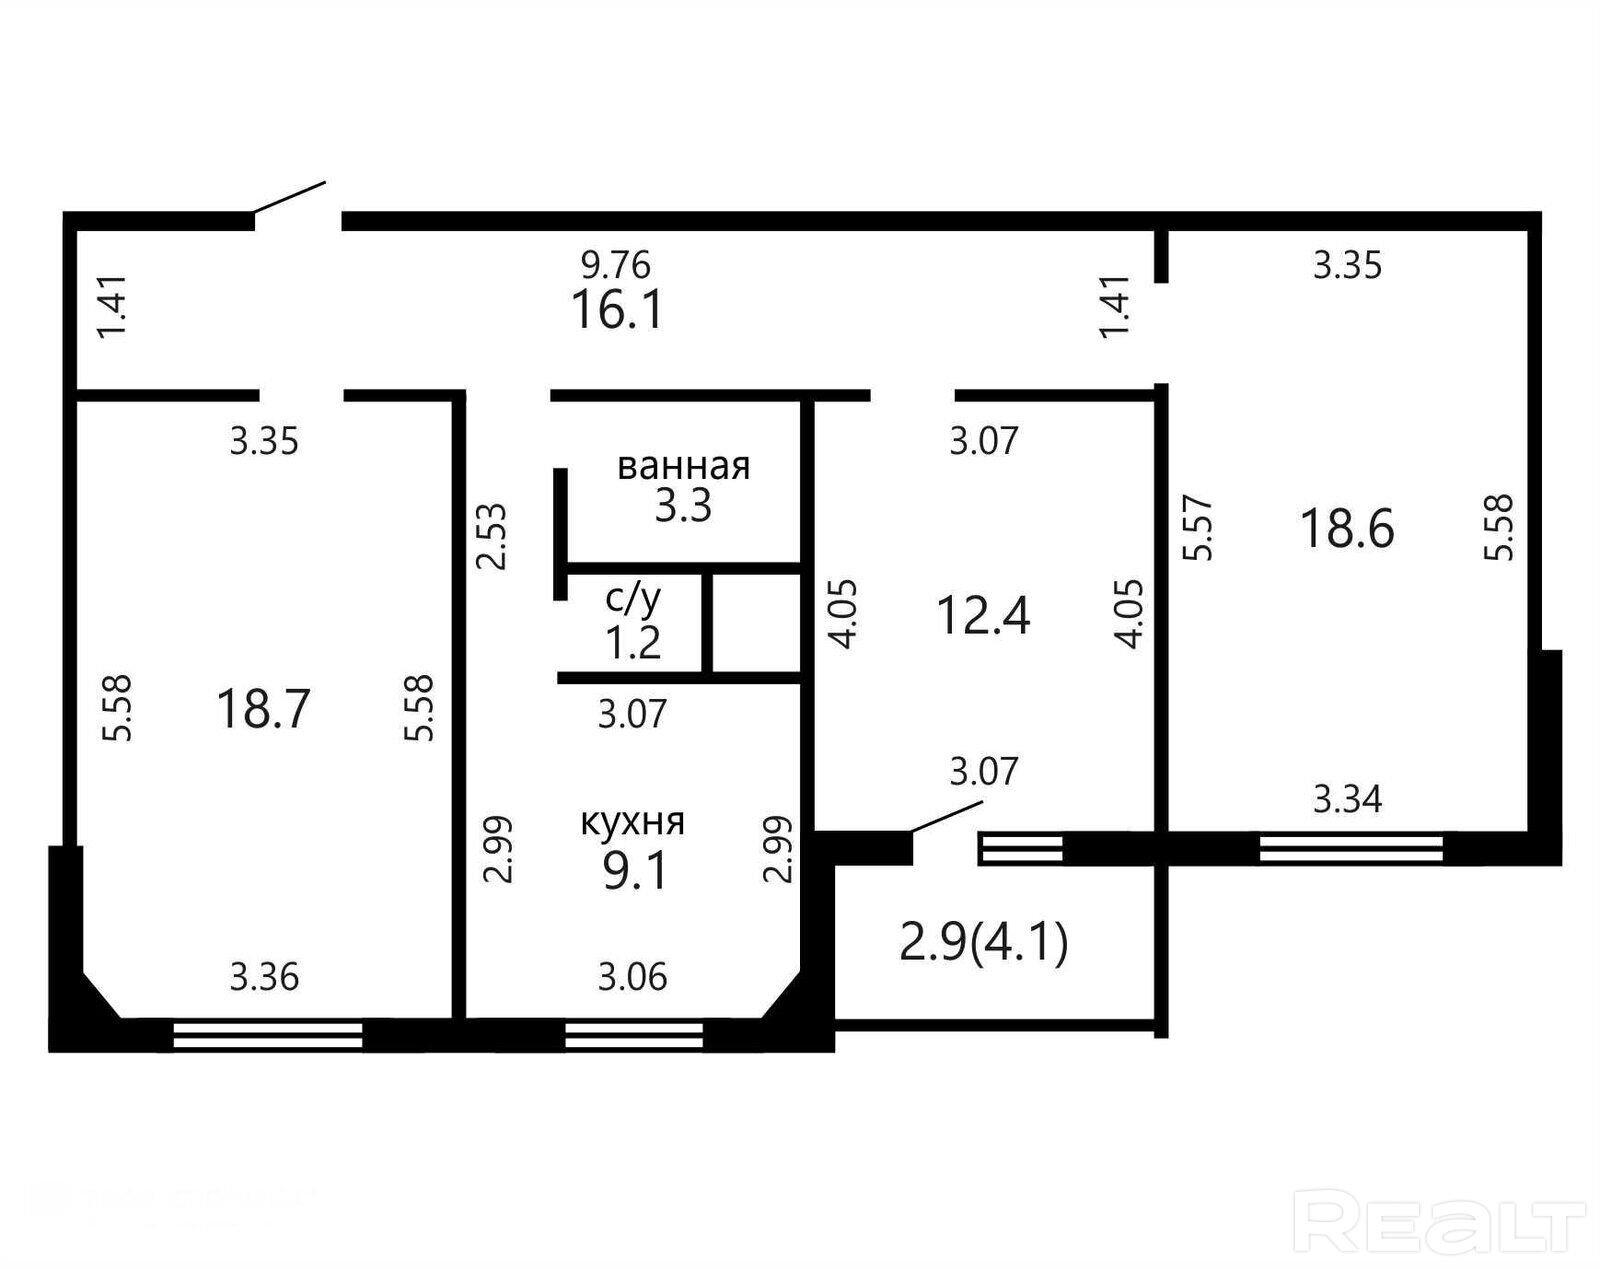 Продажа 3-х комнатной квартиры, г. Минск, ул. Ельских, дом 2 (р-н Михалово). Цена 229 972 руб